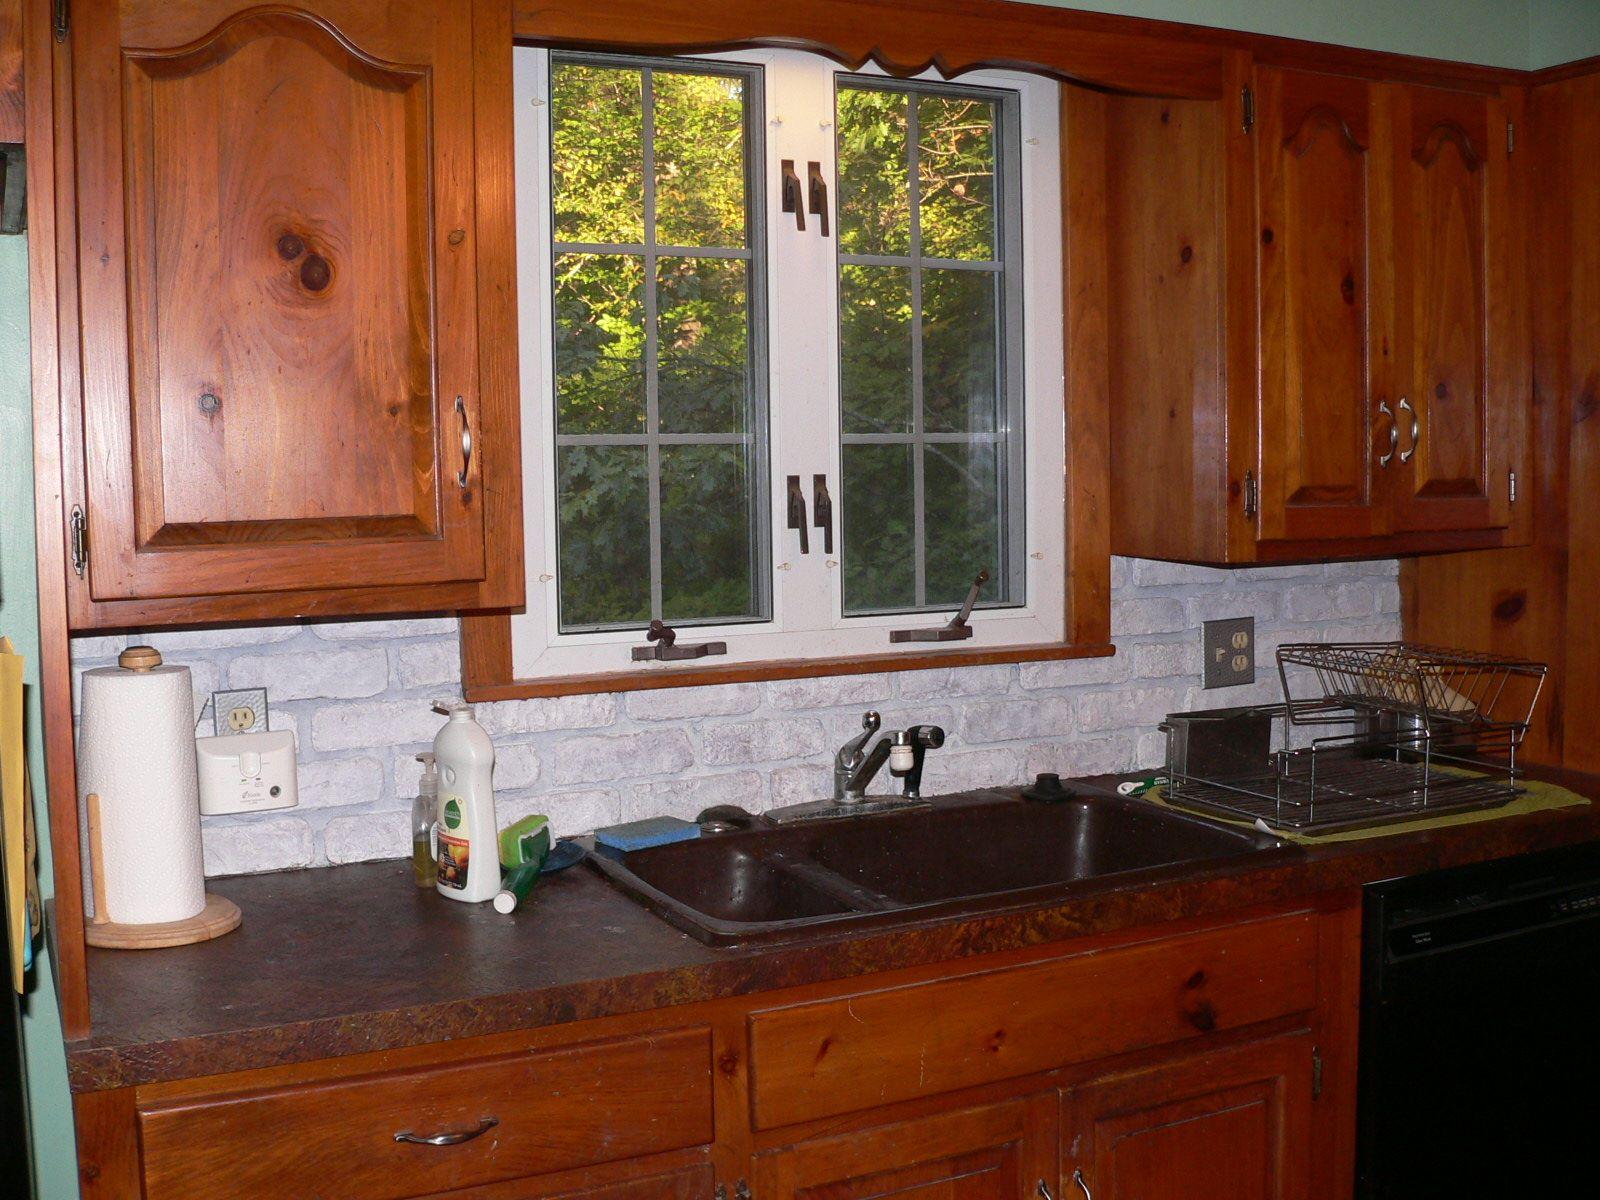 Kitchen window over sink  cool perfect kitchen nook bay window ideas  kitchen ideas  pinterest